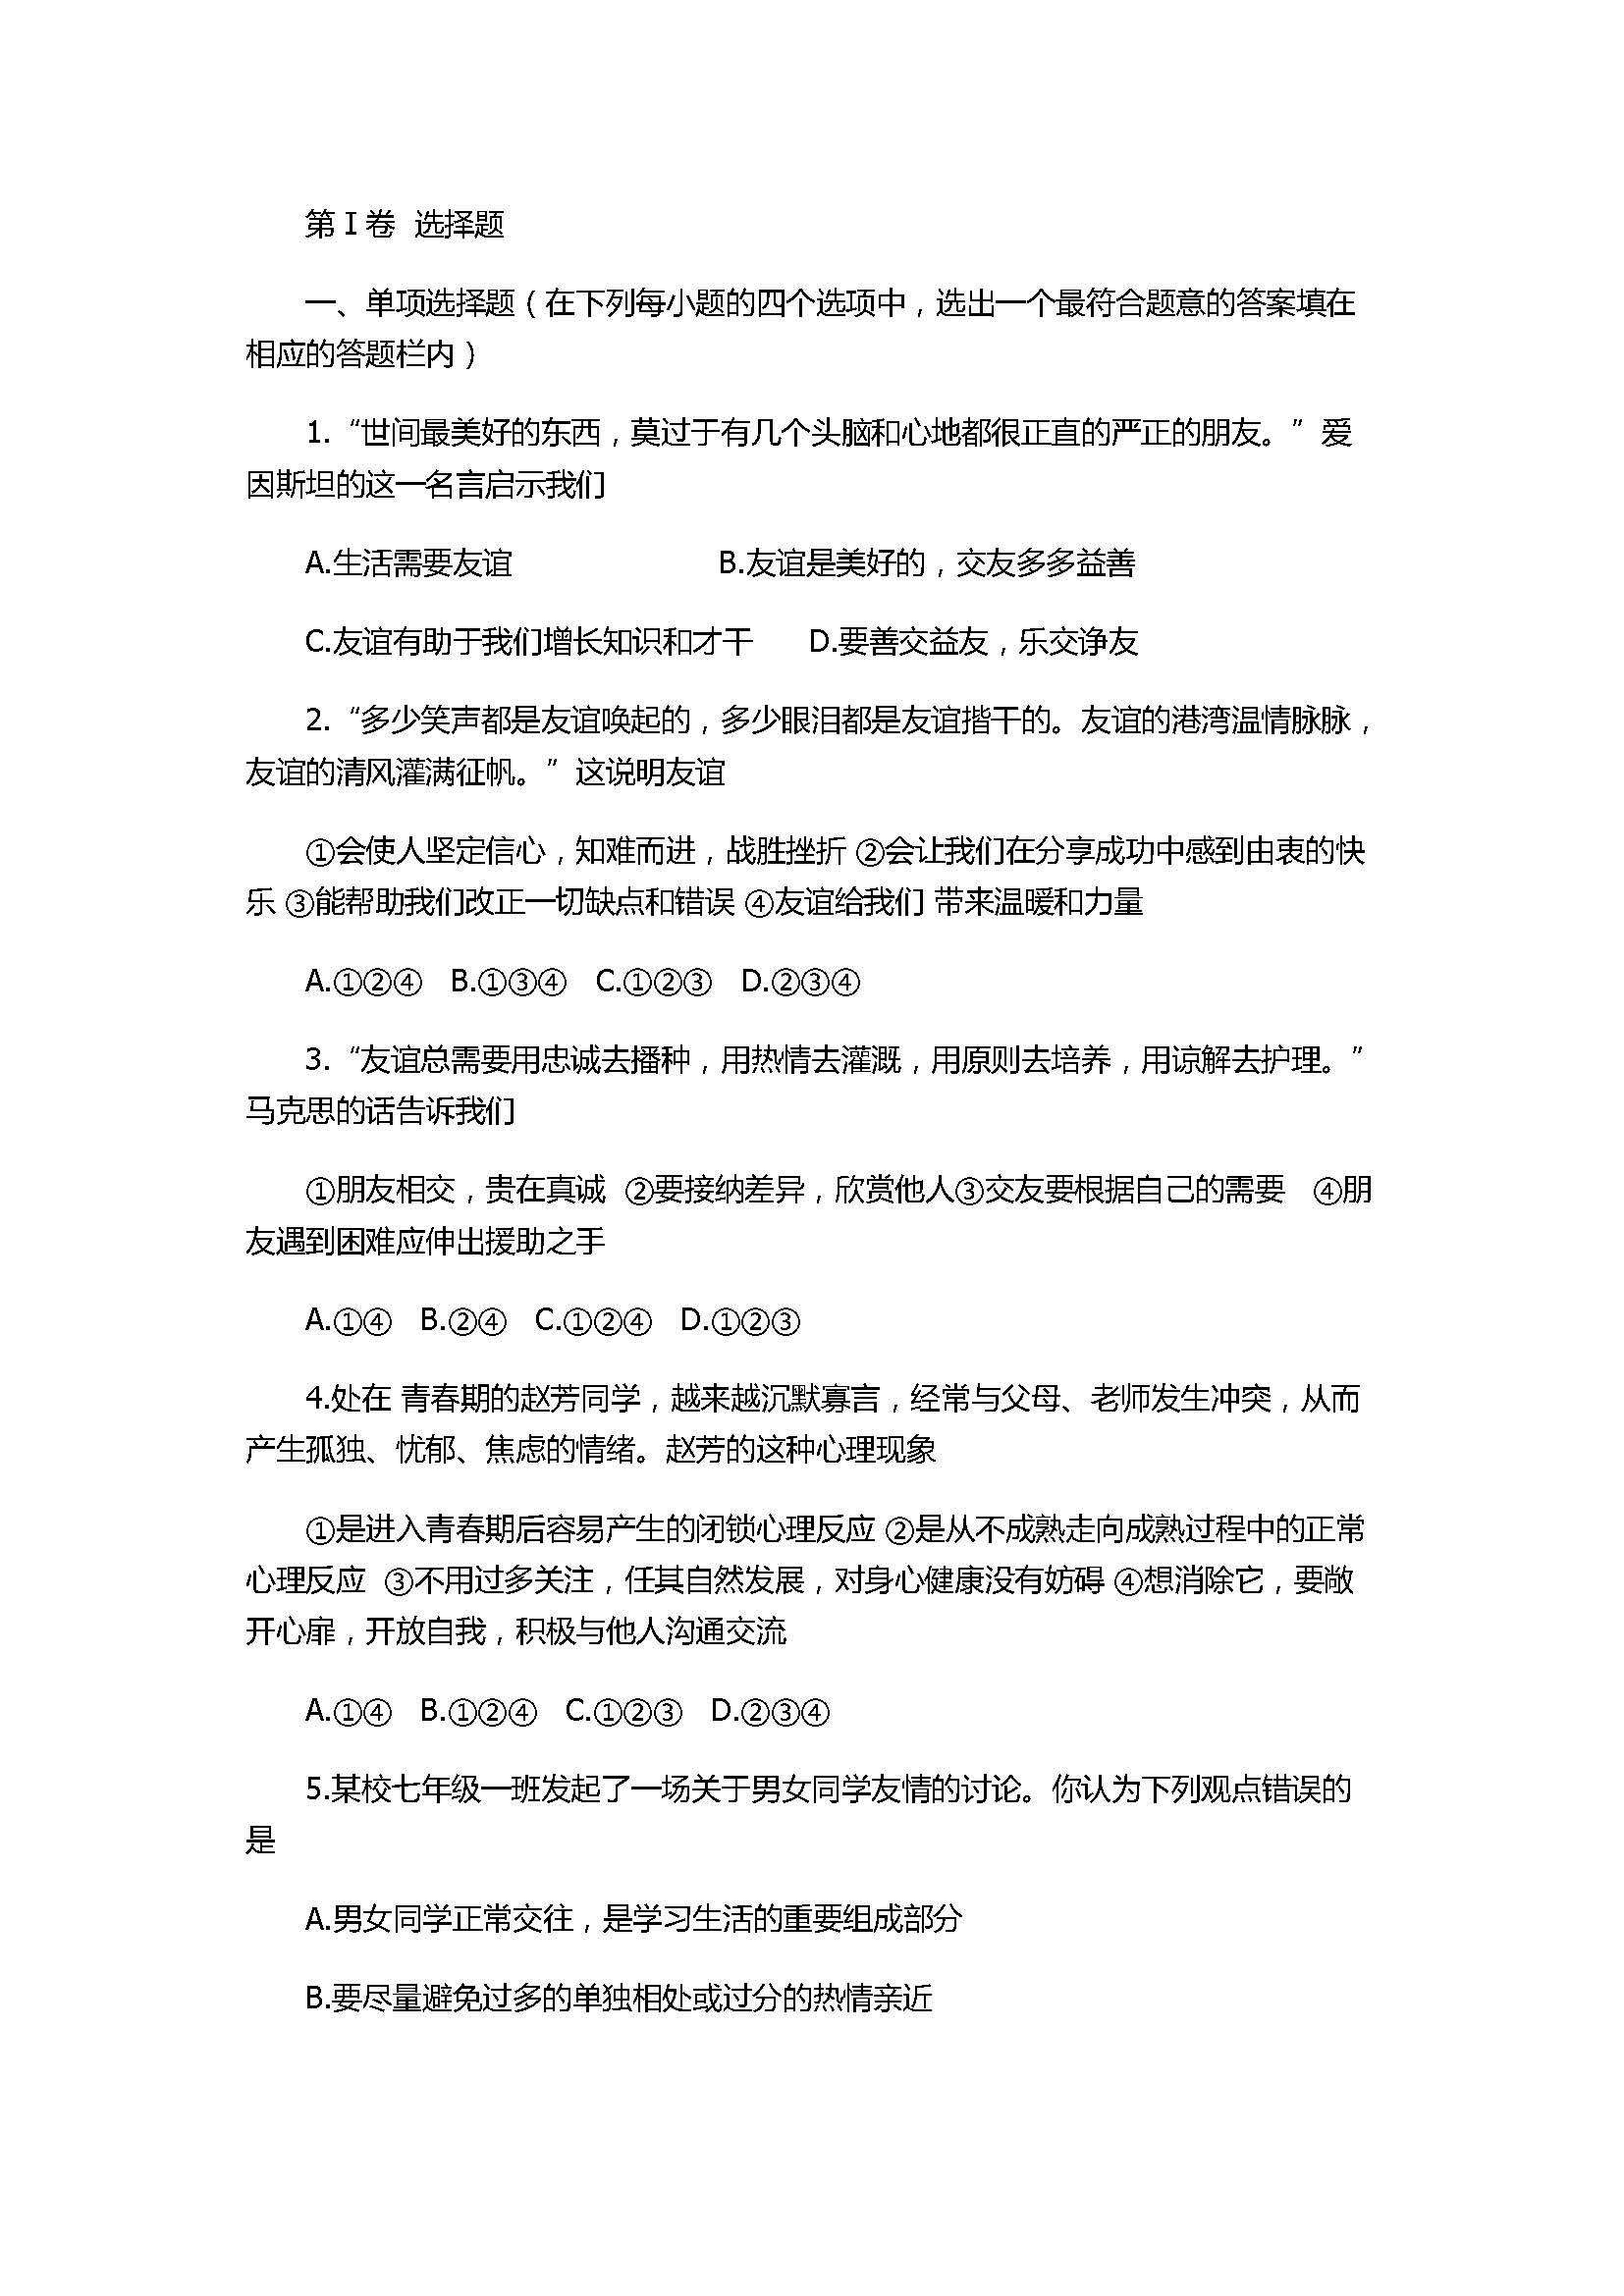 2017七年级道德与法治期末试题附答案(阳信县)